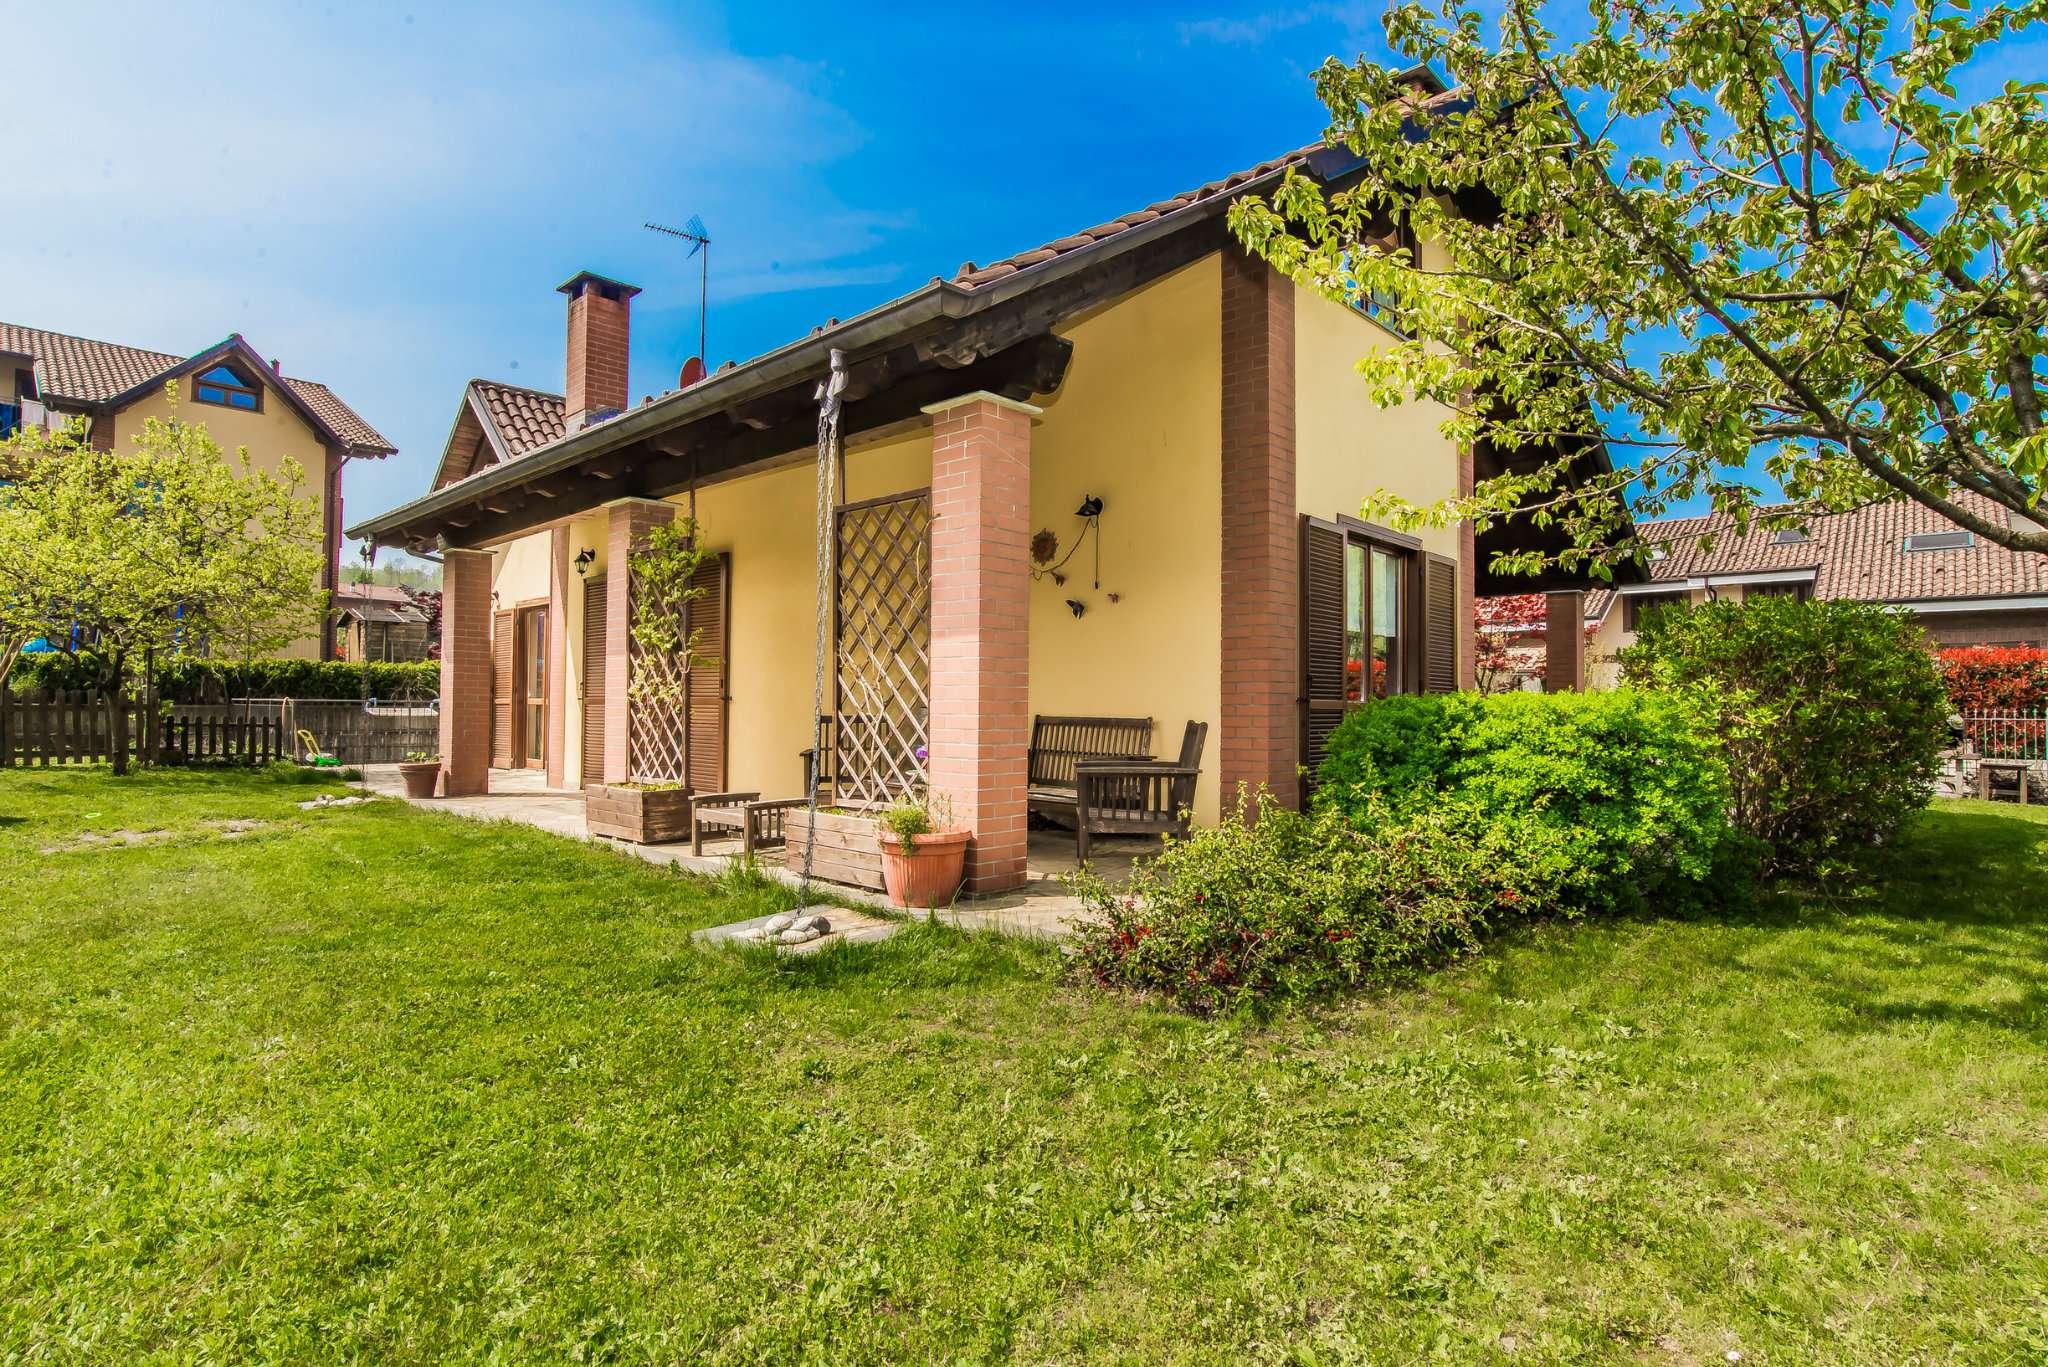 Foto 1 di Villa Unifamiliare via Don Savio  1, Reano